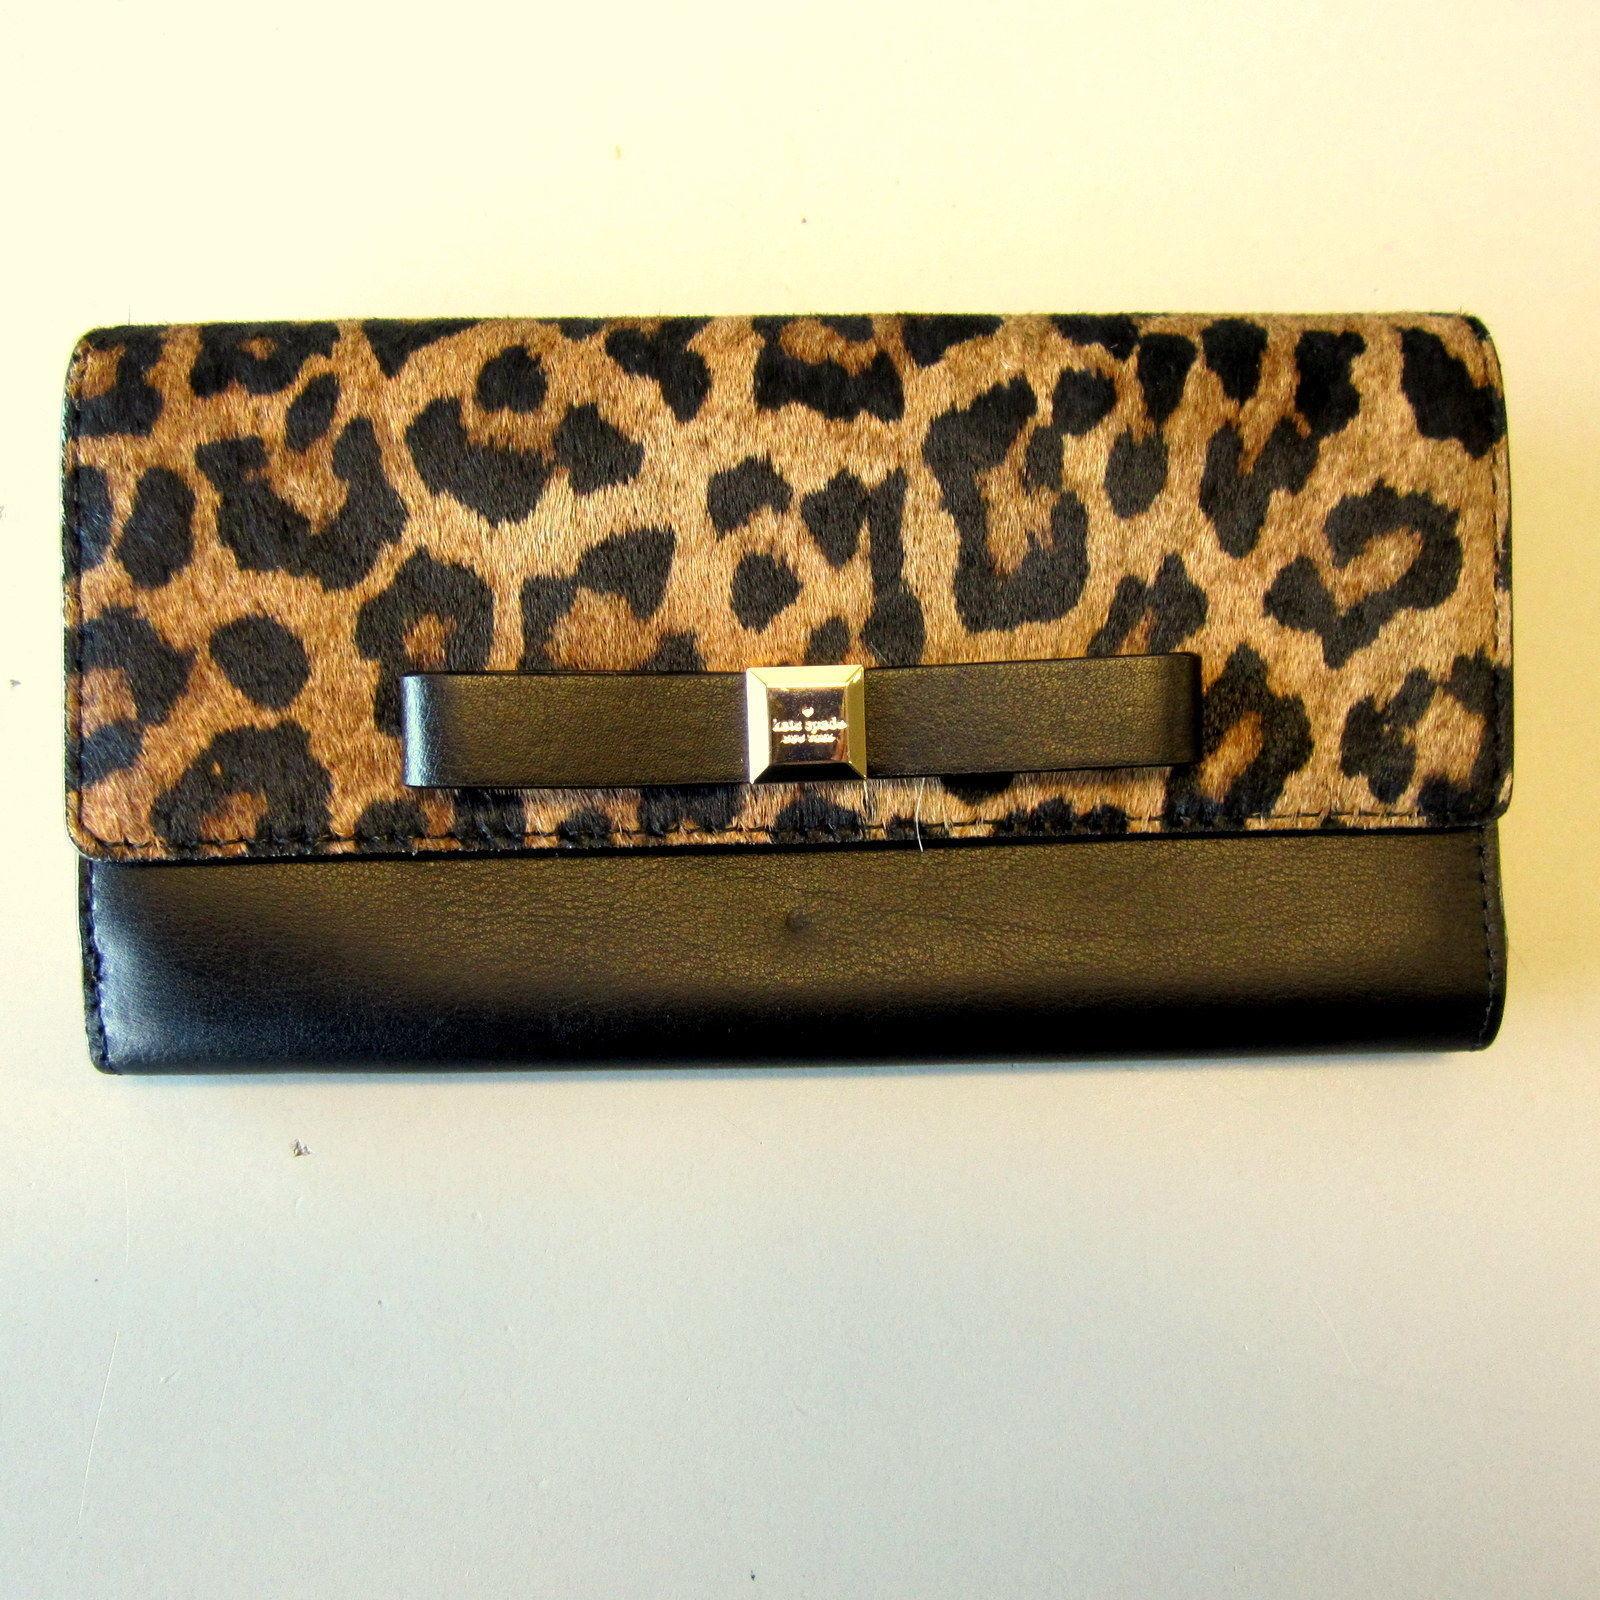 c3d2e4adb02 S l1600. S l1600. Previous. Authentic Kate Spade MILOU Rivas Street Hair  Calf Leopard Bow Wallet Clutch EUC